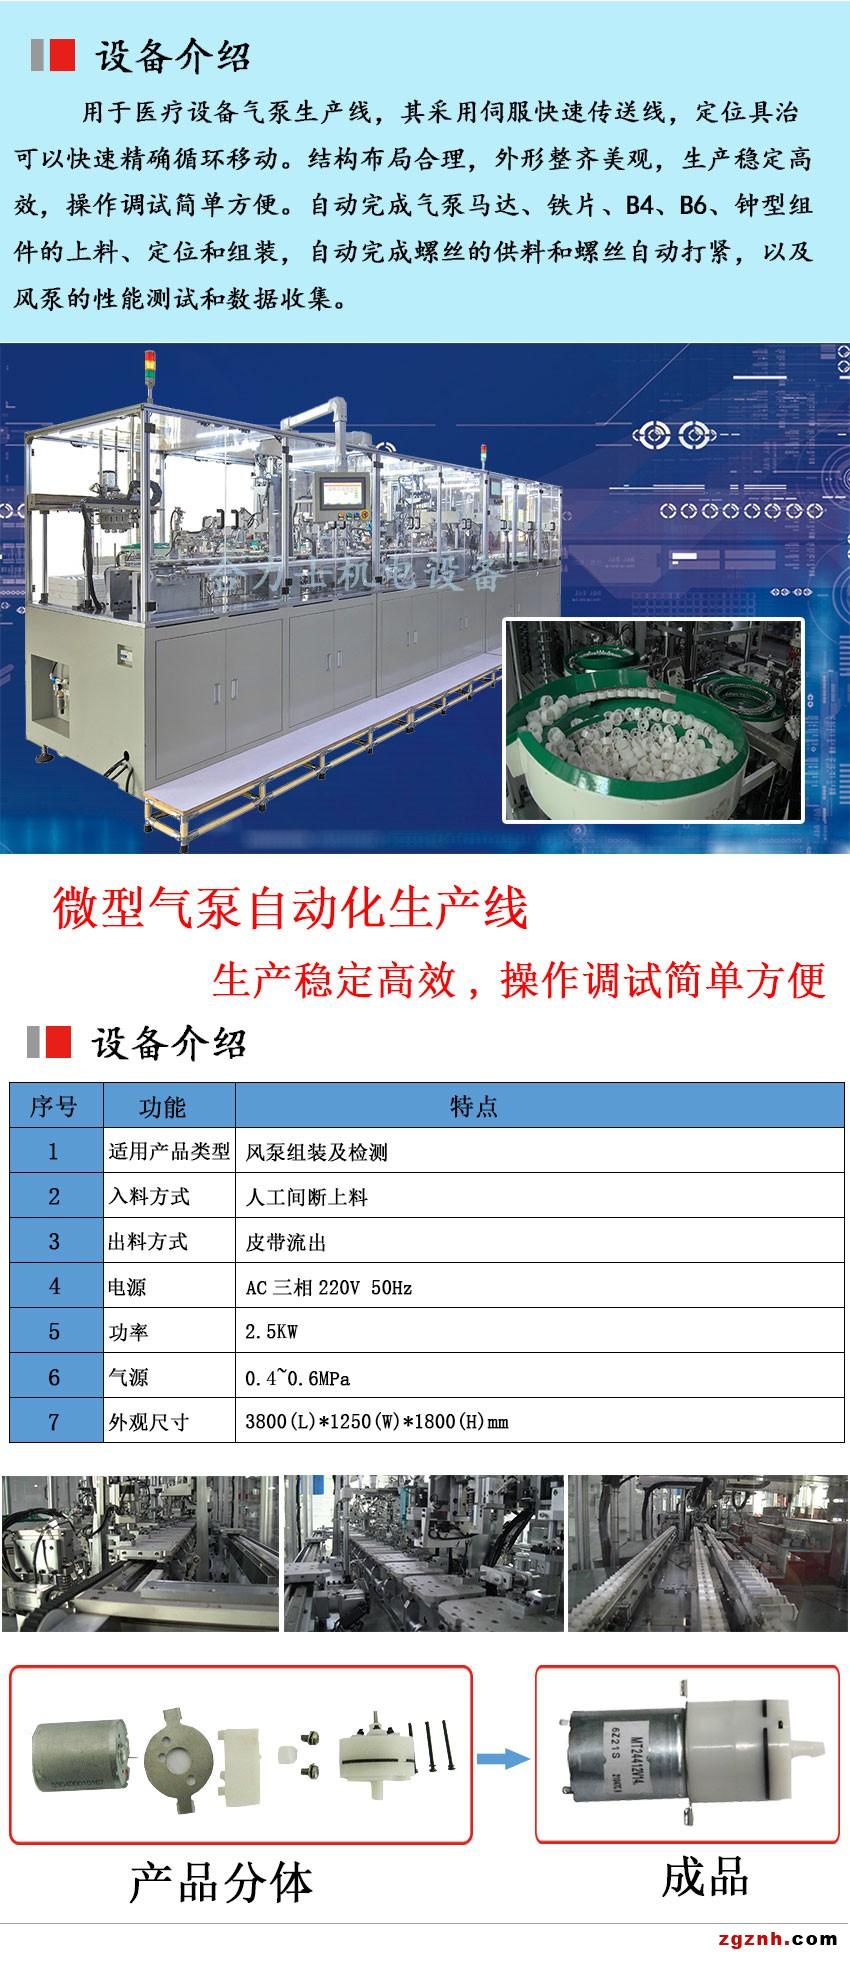 微电机气泵自动化装配线-详情